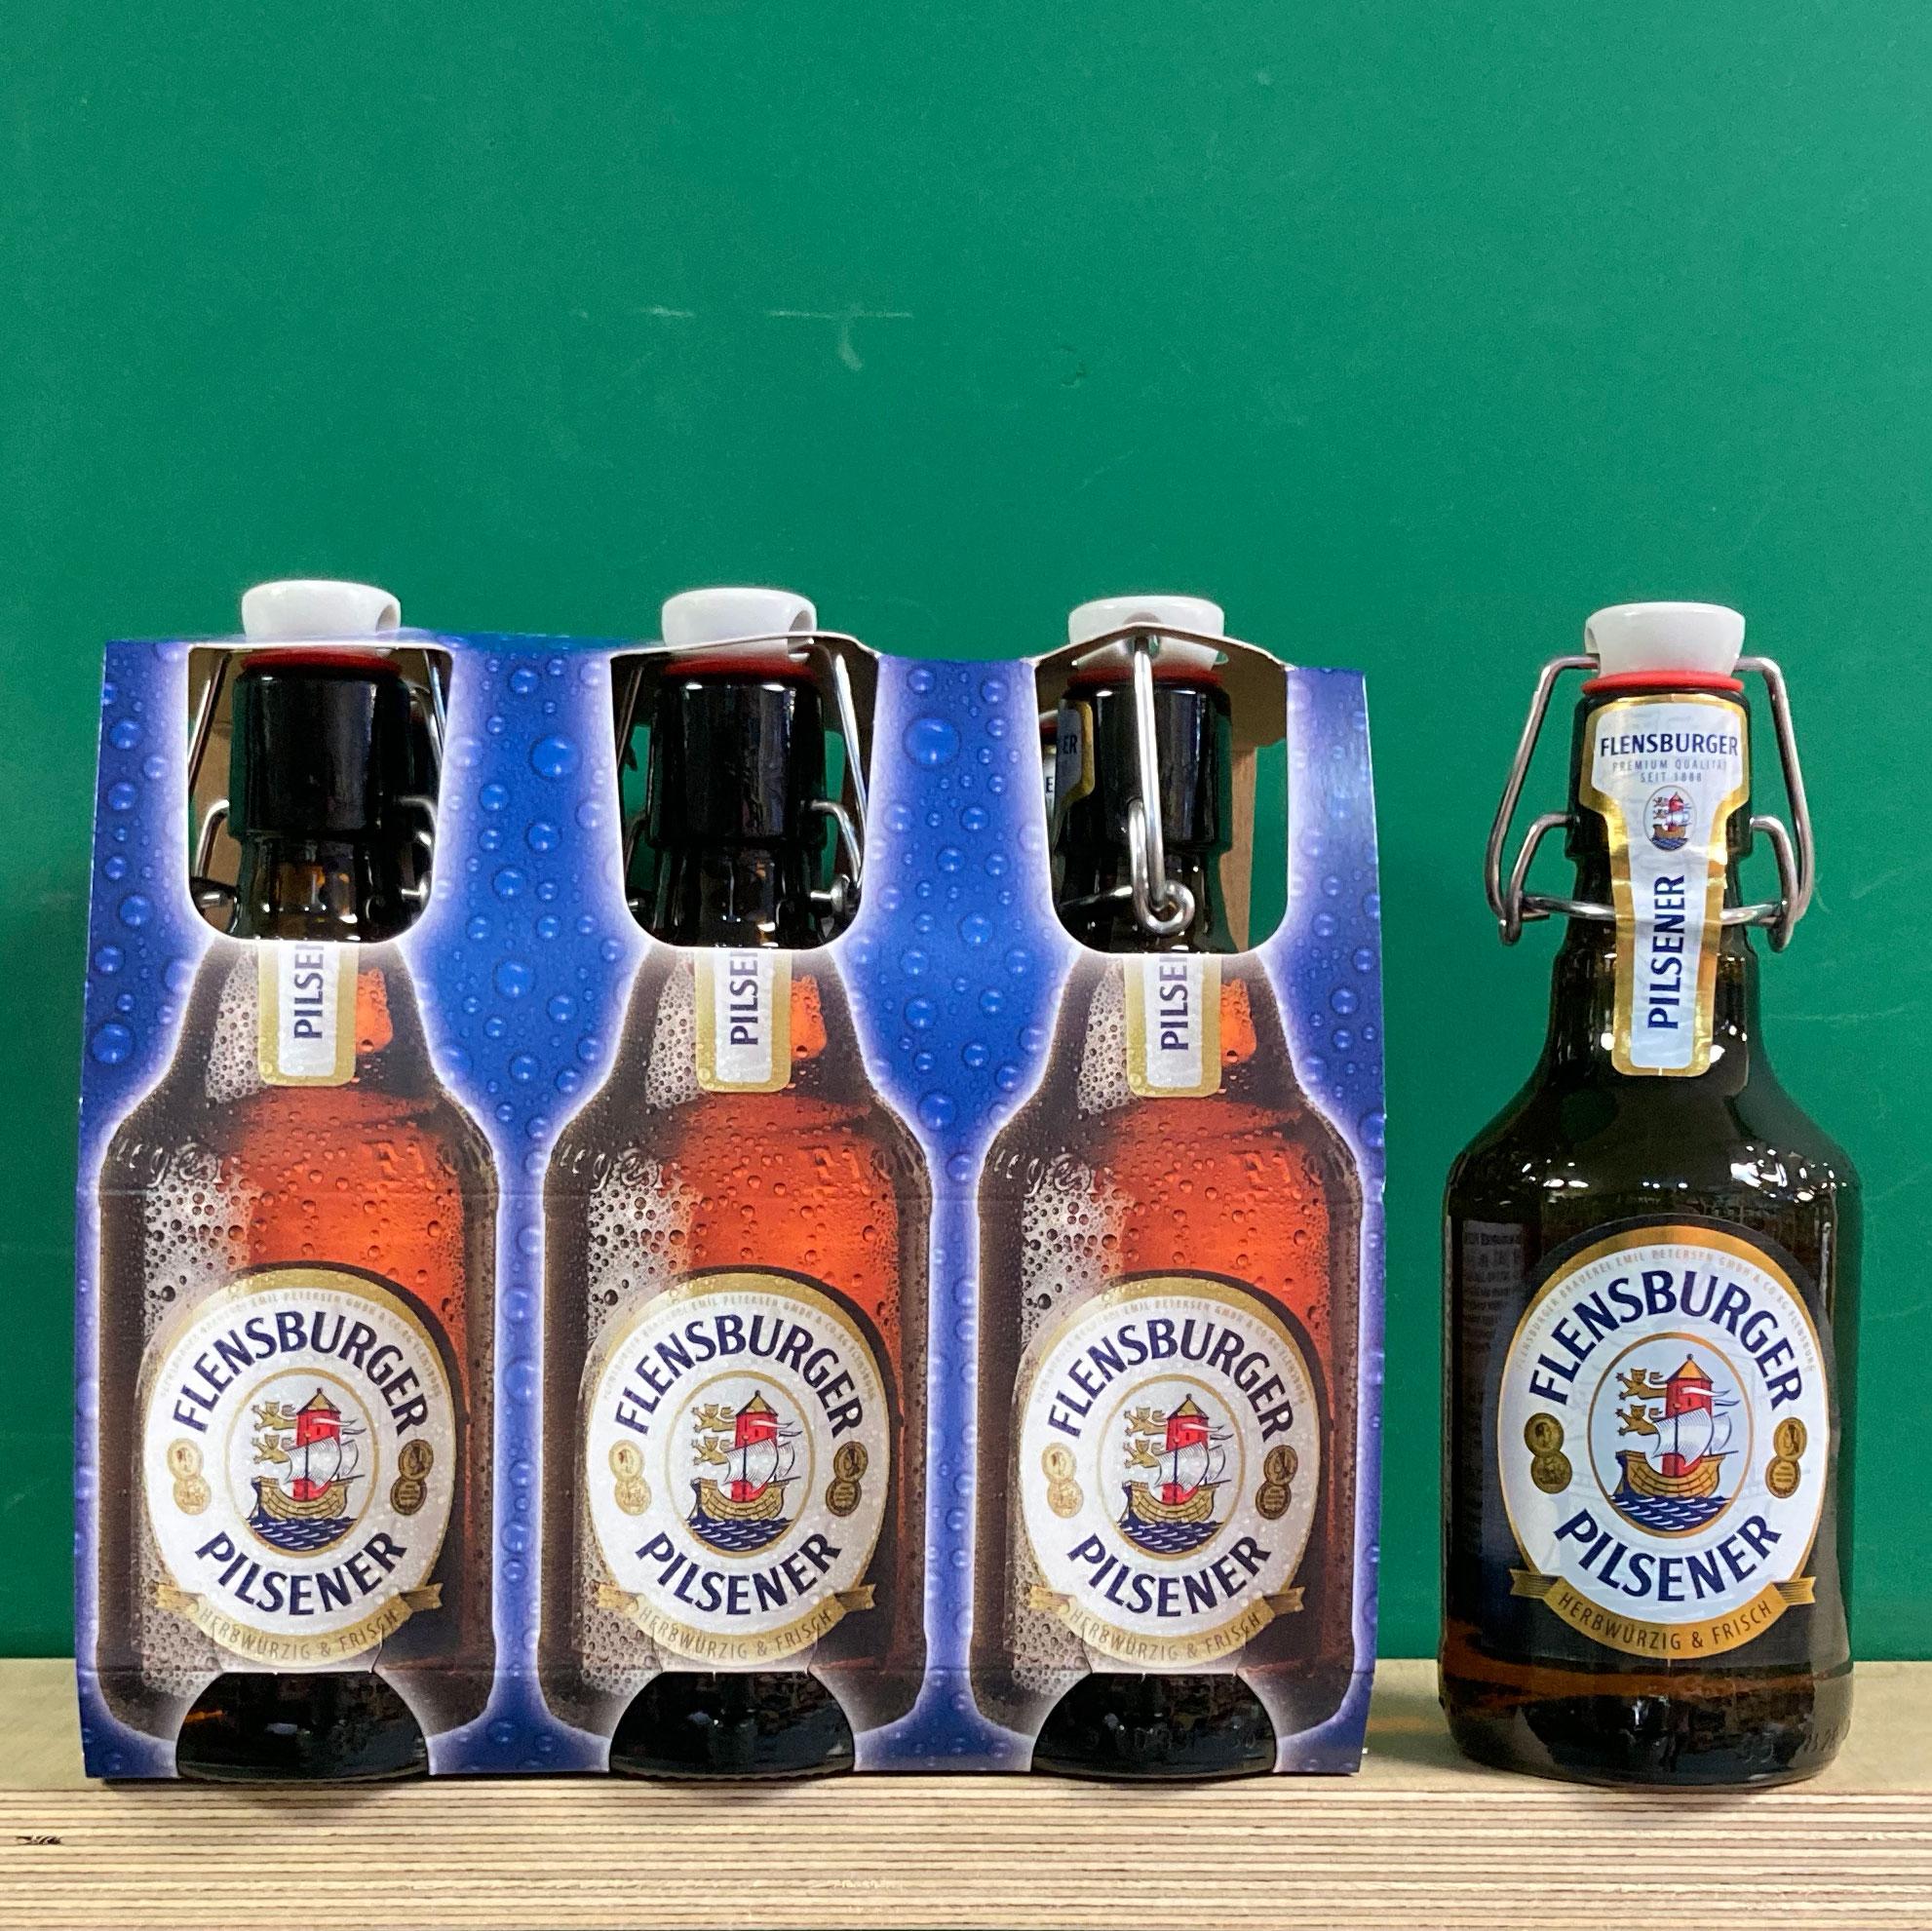 Flensburger Pilsner 6 Pack